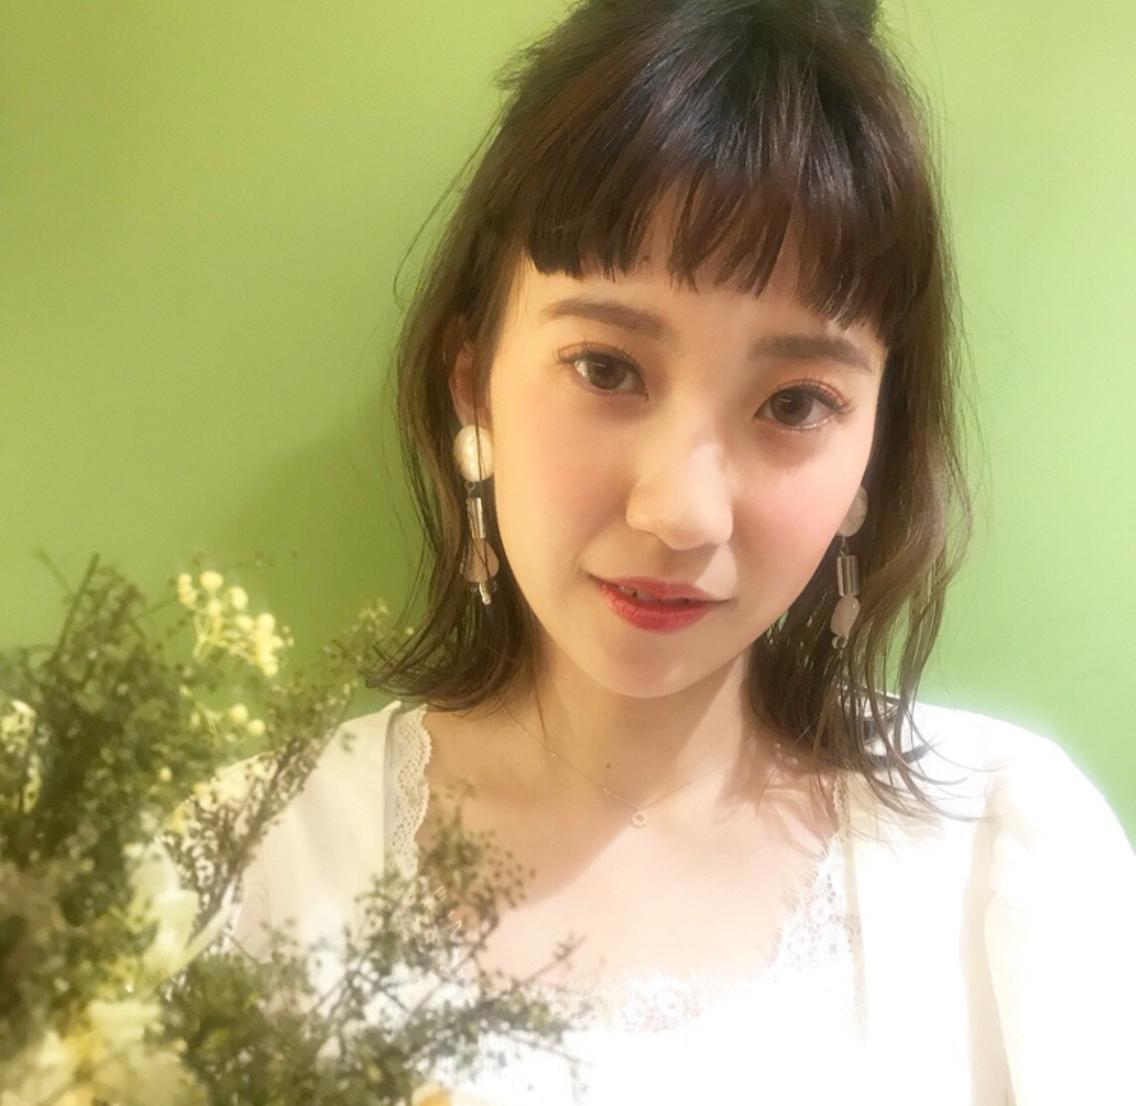 ☆急募☆10/8サロン撮影モデル募集中です!18:00〜☆